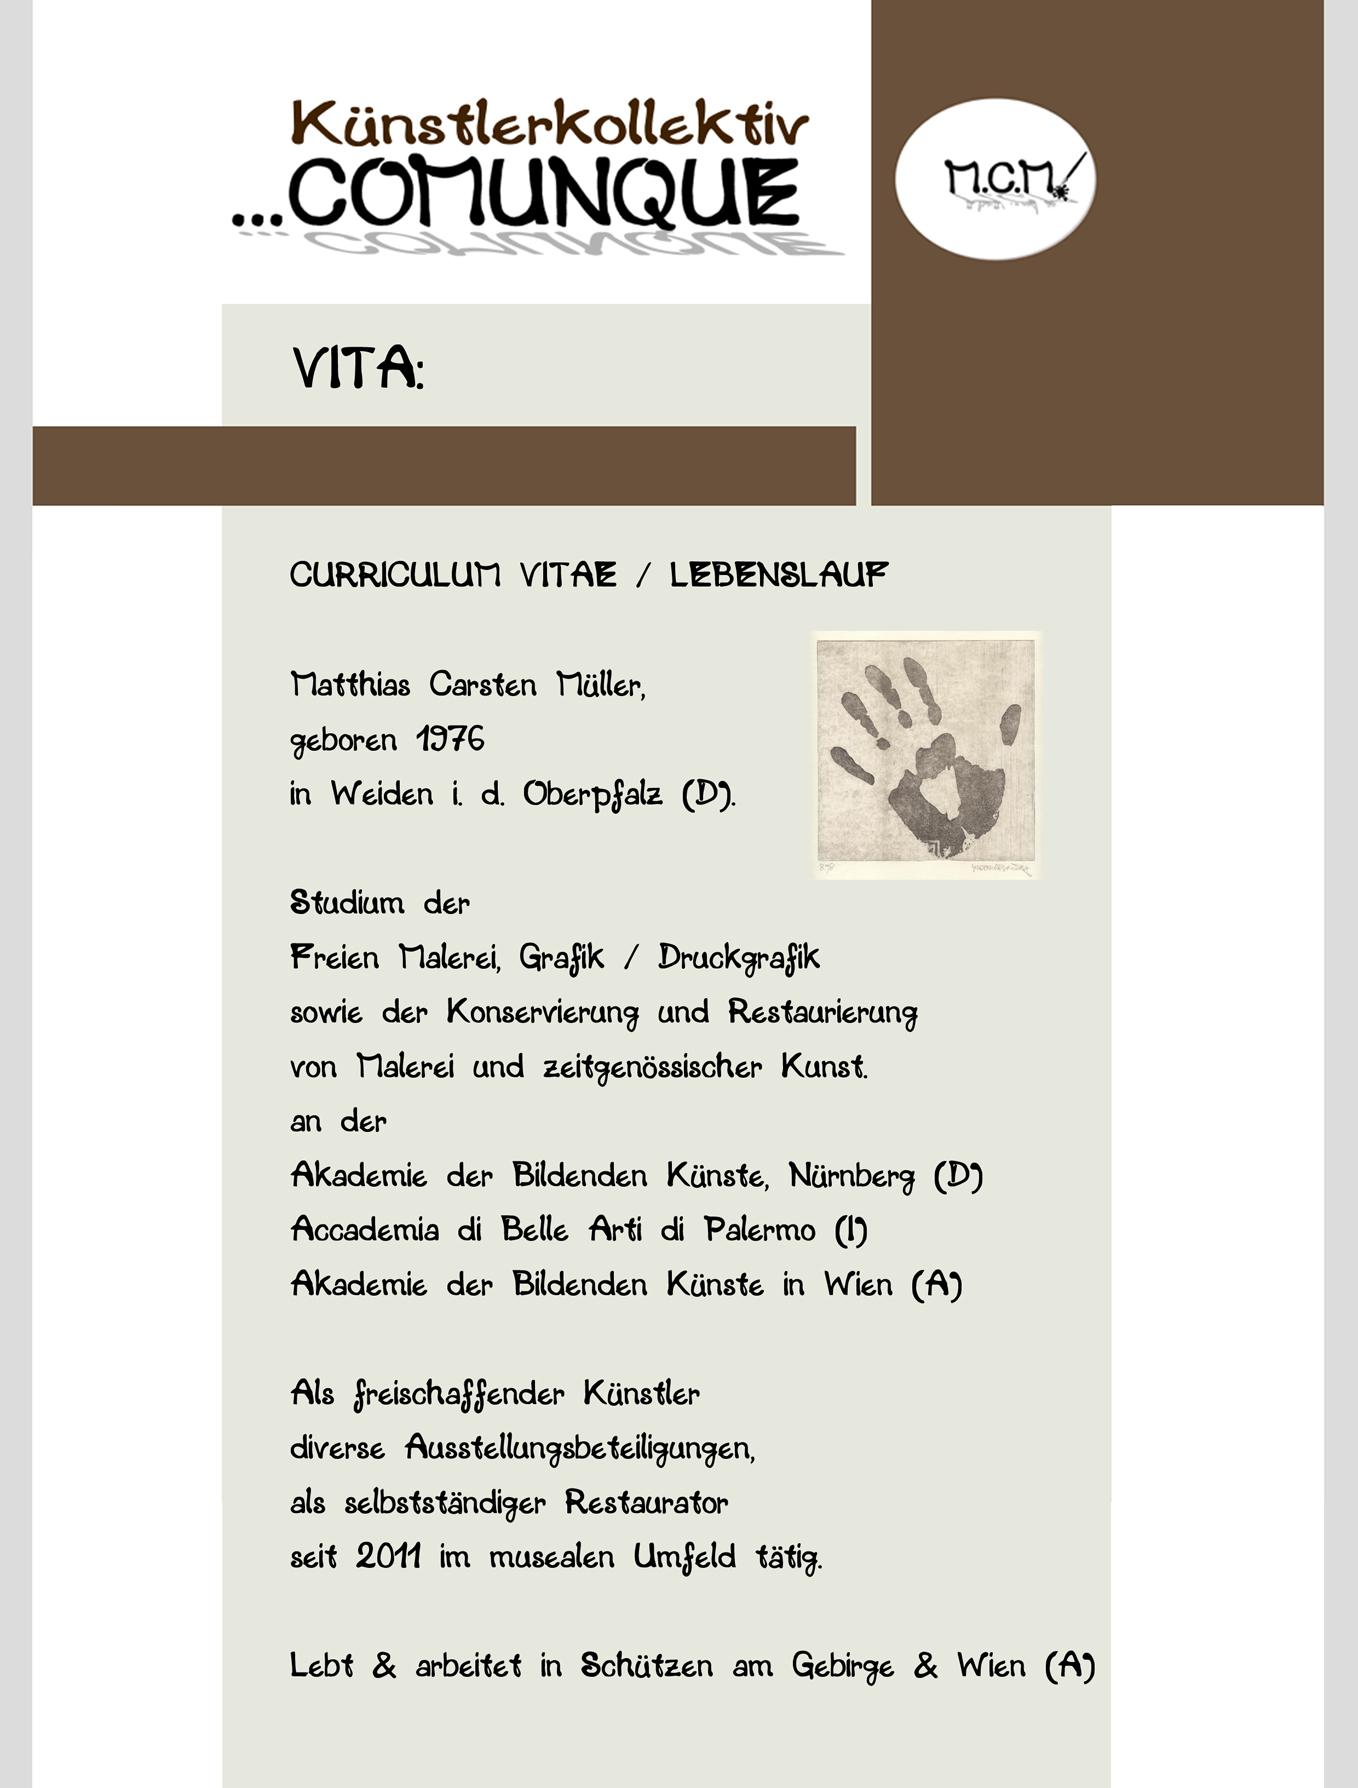 Großzügig Maler Lebenslauf Vorlage Zeitgenössisch - Entry Level ...